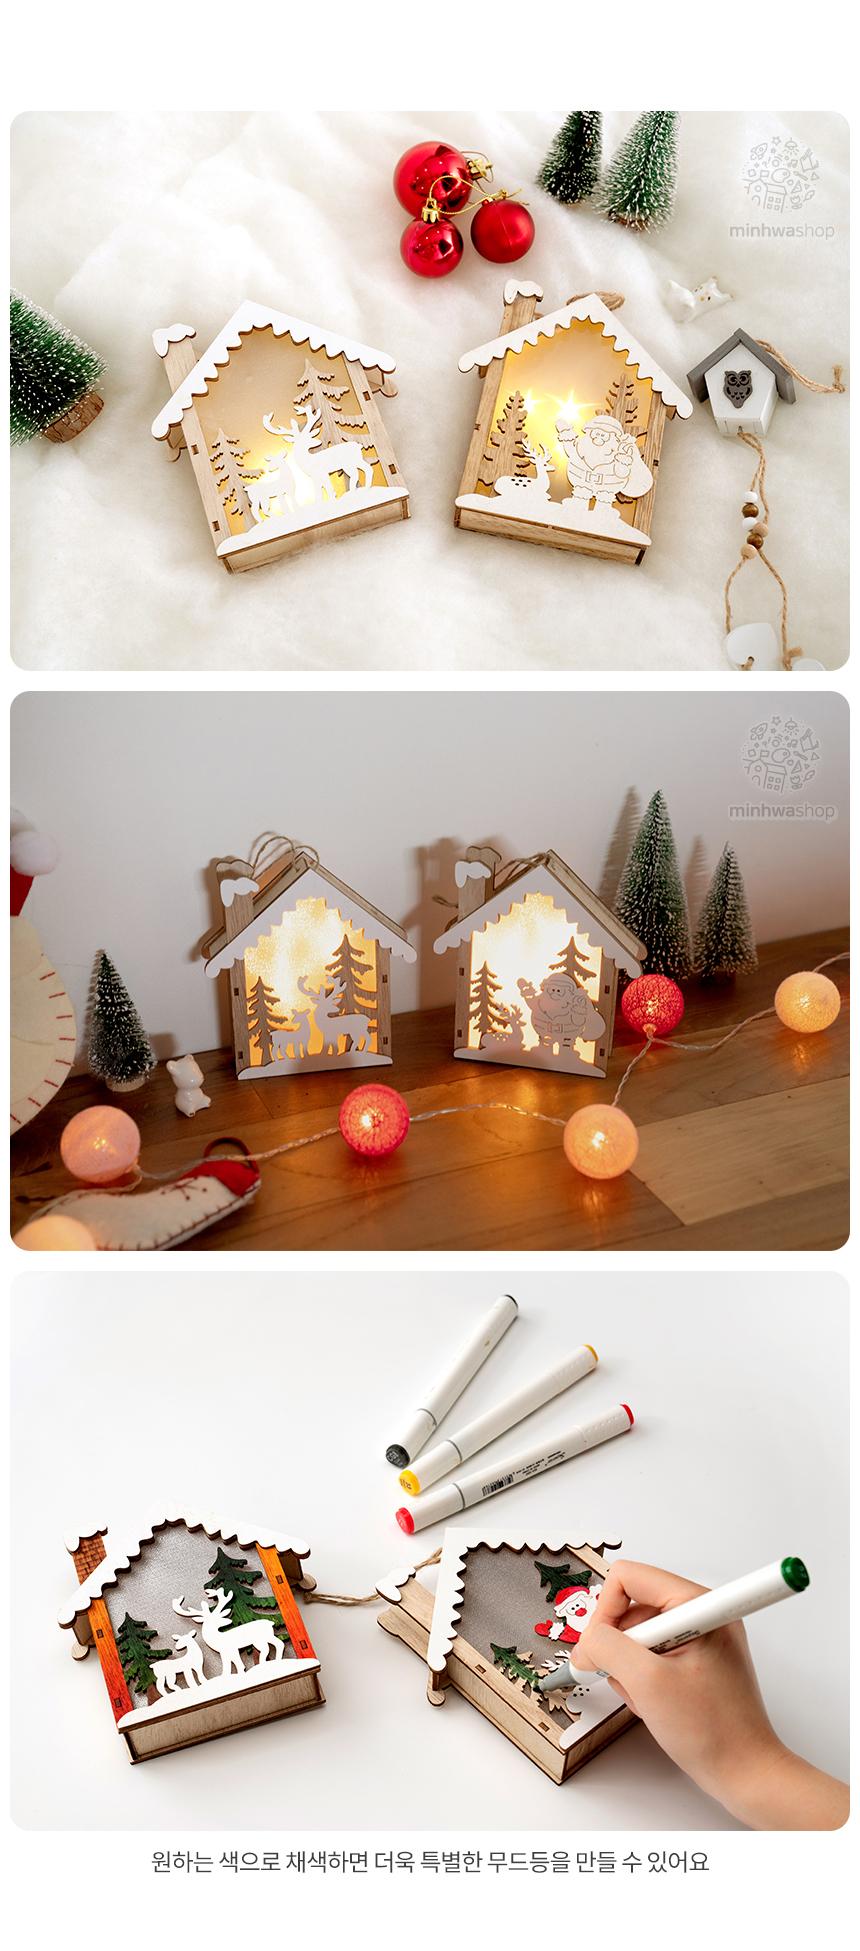 크리스마스 벽걸이 무드등